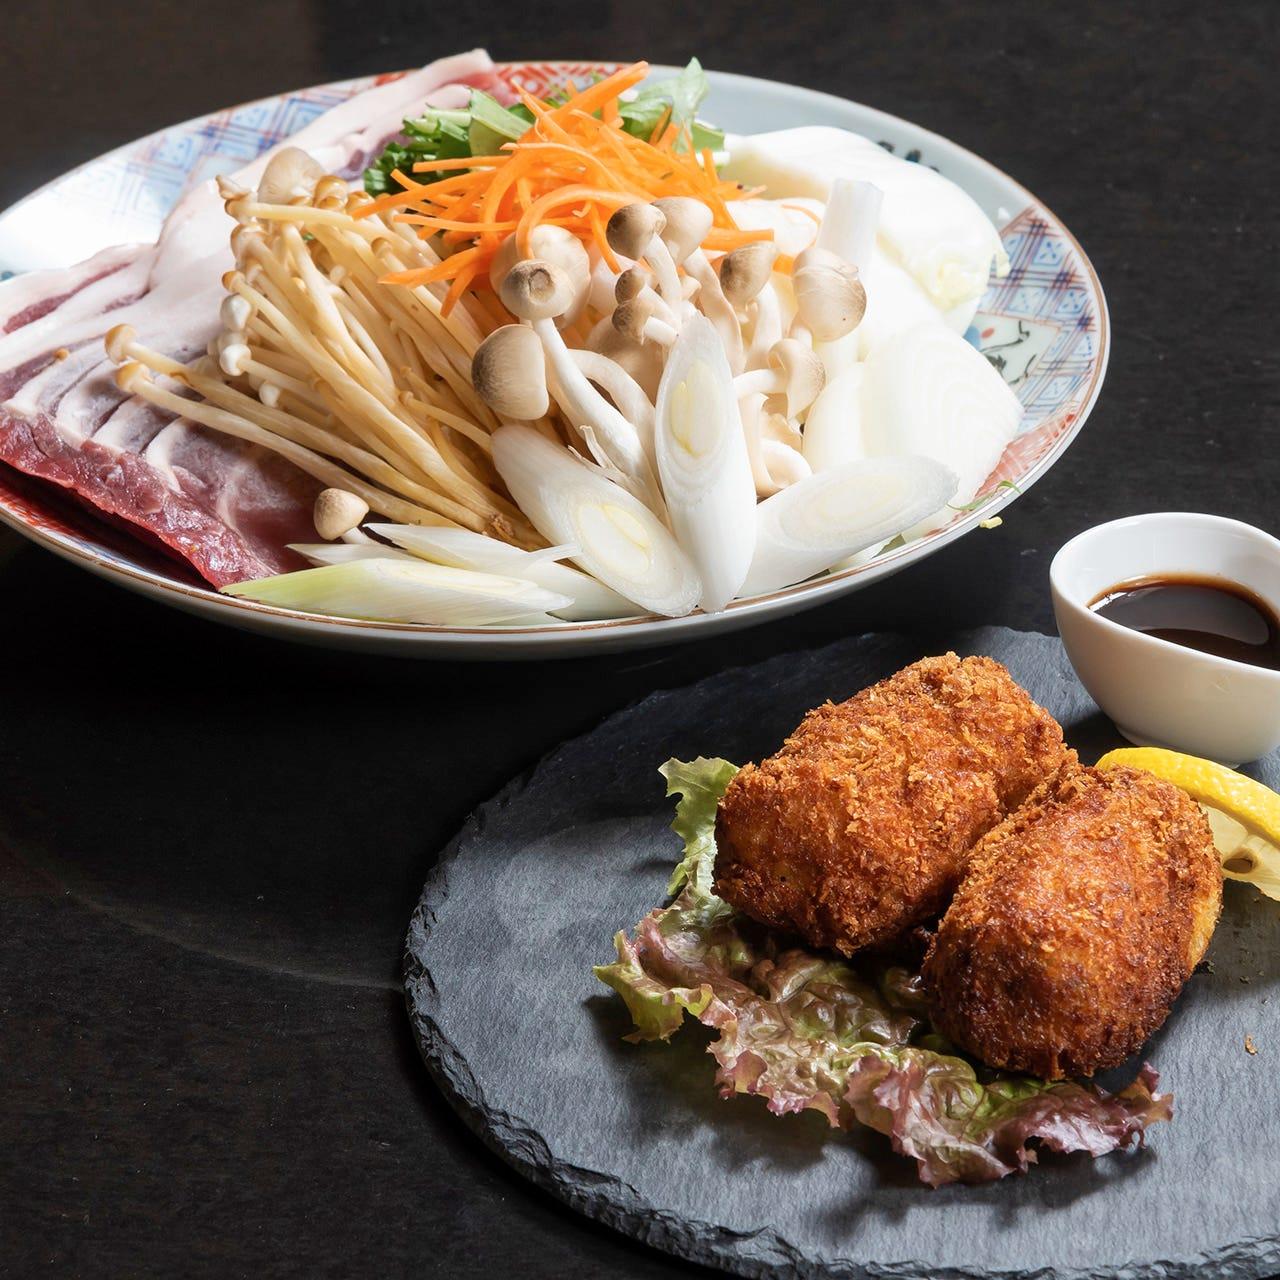 寿司屋で味わう『ジビエ料理』